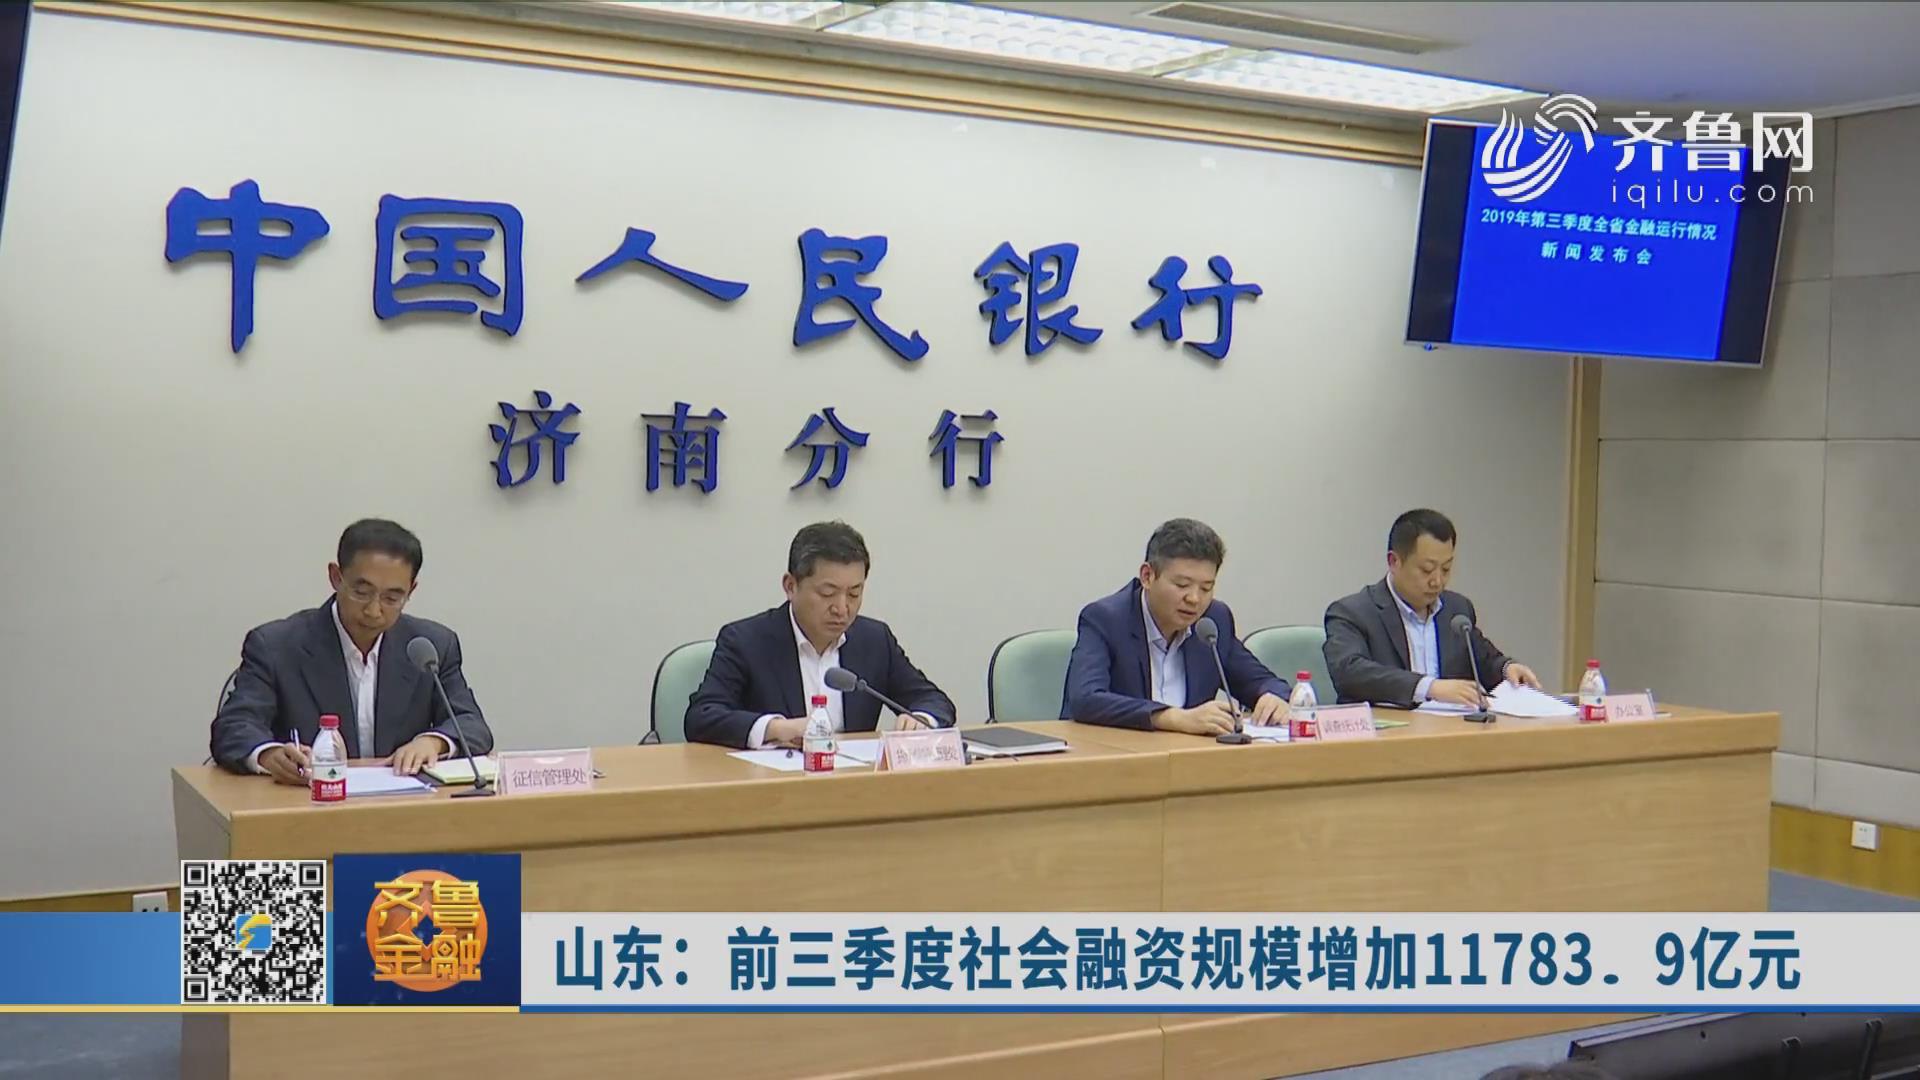 《齐鲁金融》10-30:山东:前三季度社会融资规模增加11783.9亿元